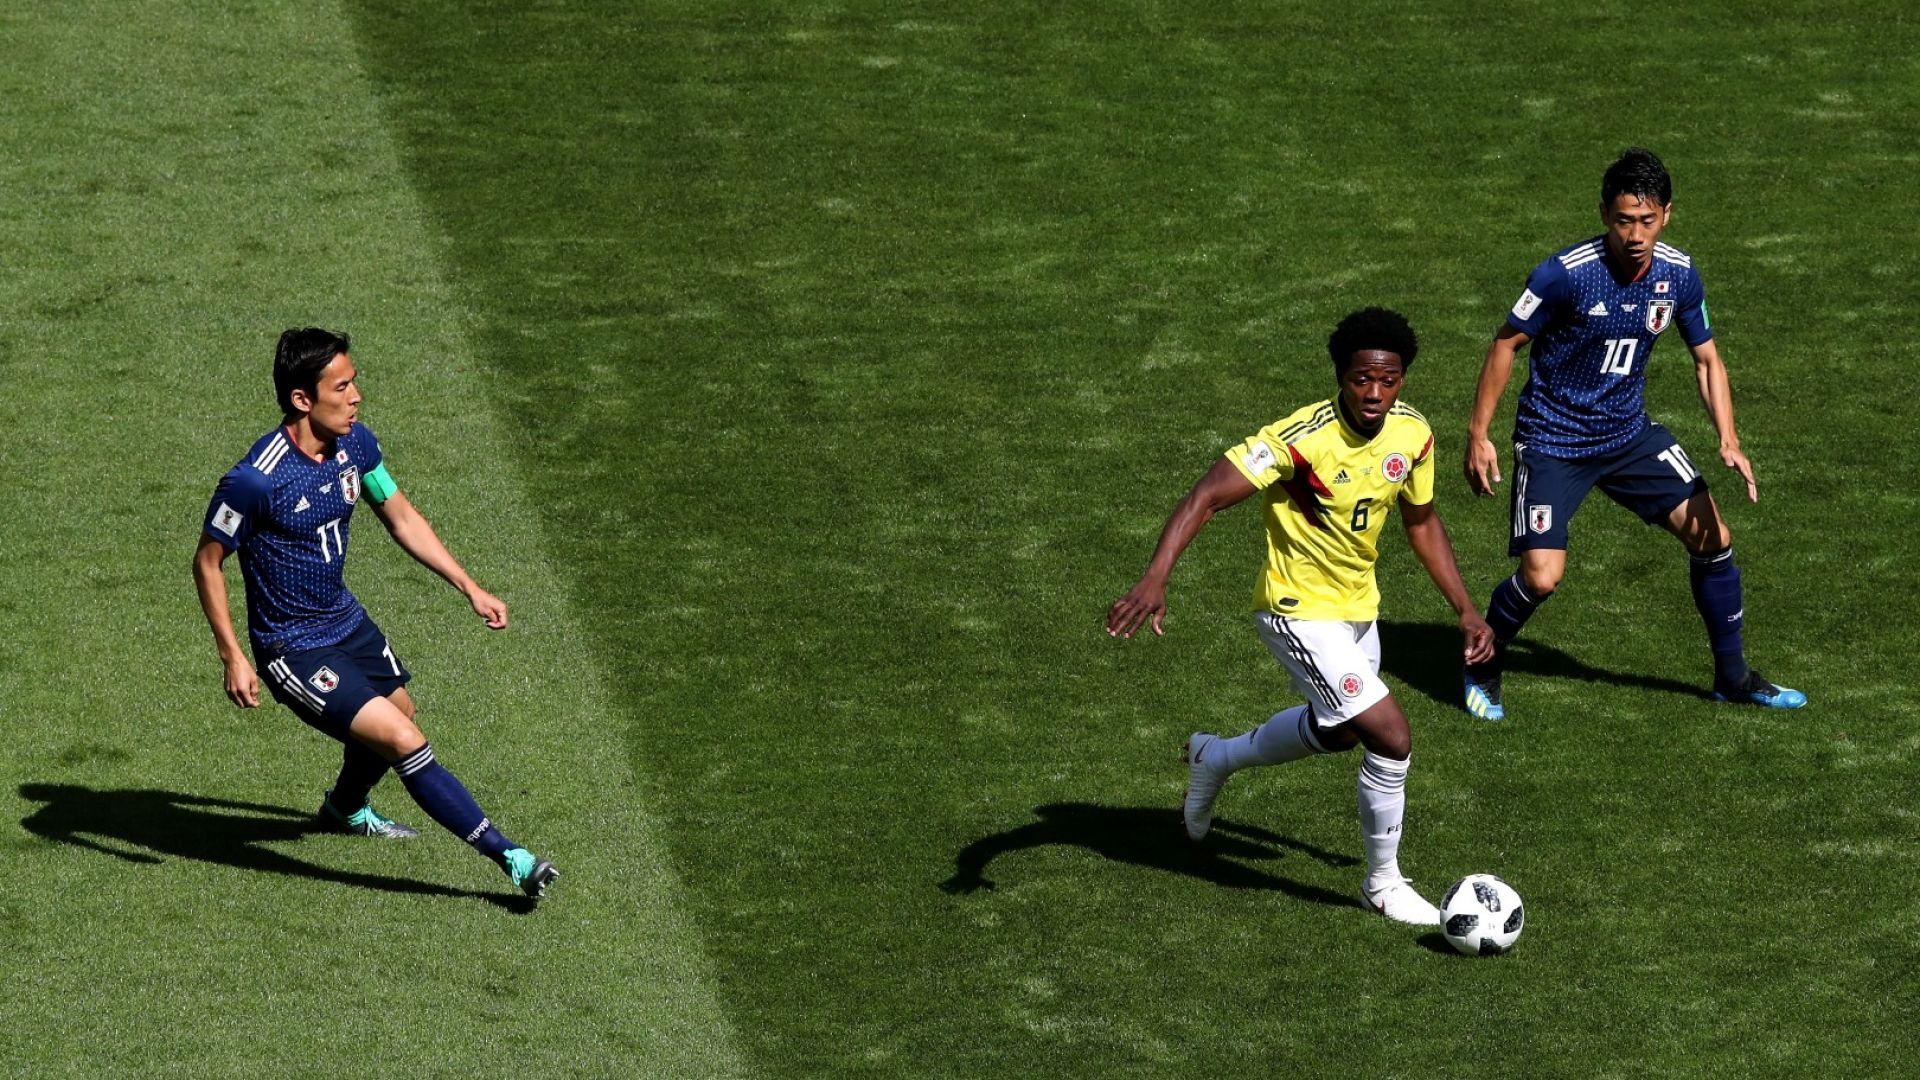 Колумбия - Япония 1:2 (статистика)